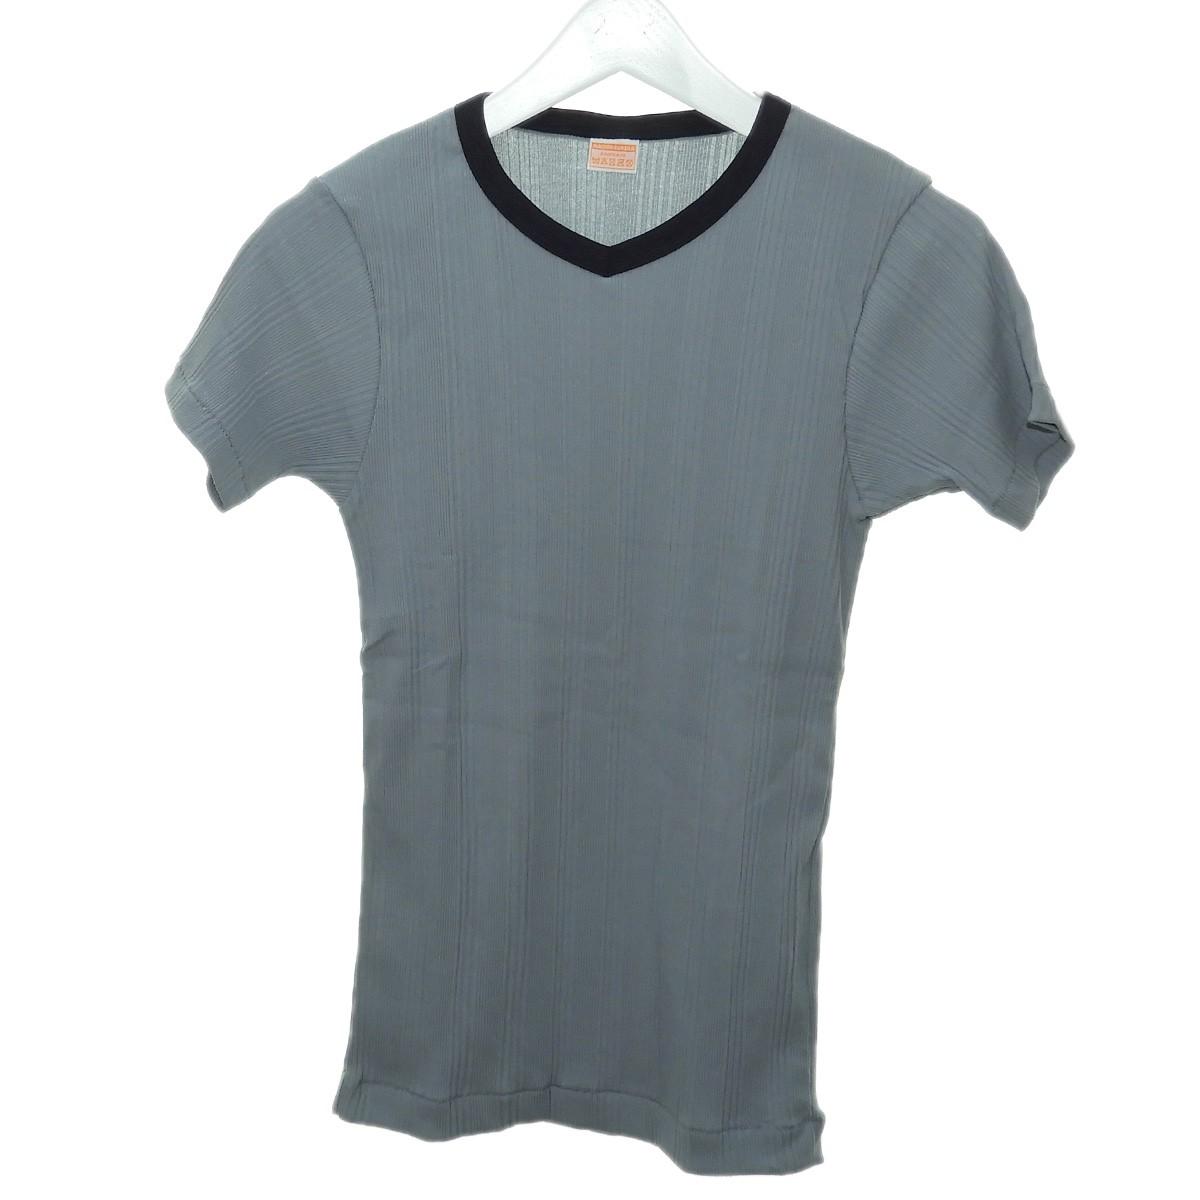 【中古】MAISON EUREKA 2020SS「RANDOM RIB V NECK TEE」ランダムリブVネックTシャツ ブルーグレー サイズ:Free 【110820】(メゾンエウレカ)